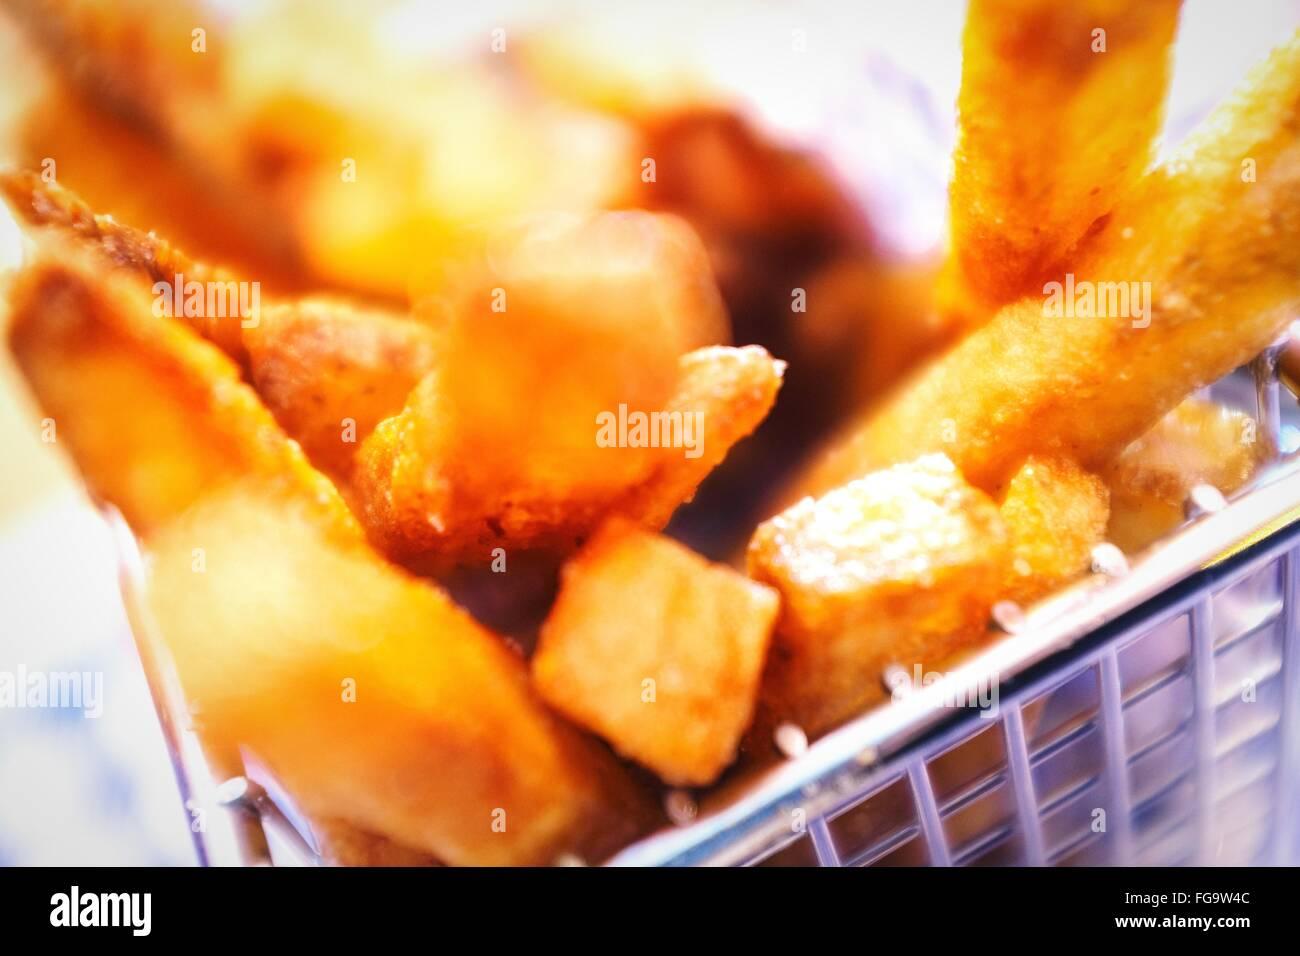 Plan de frites dans le récipient Photo Stock